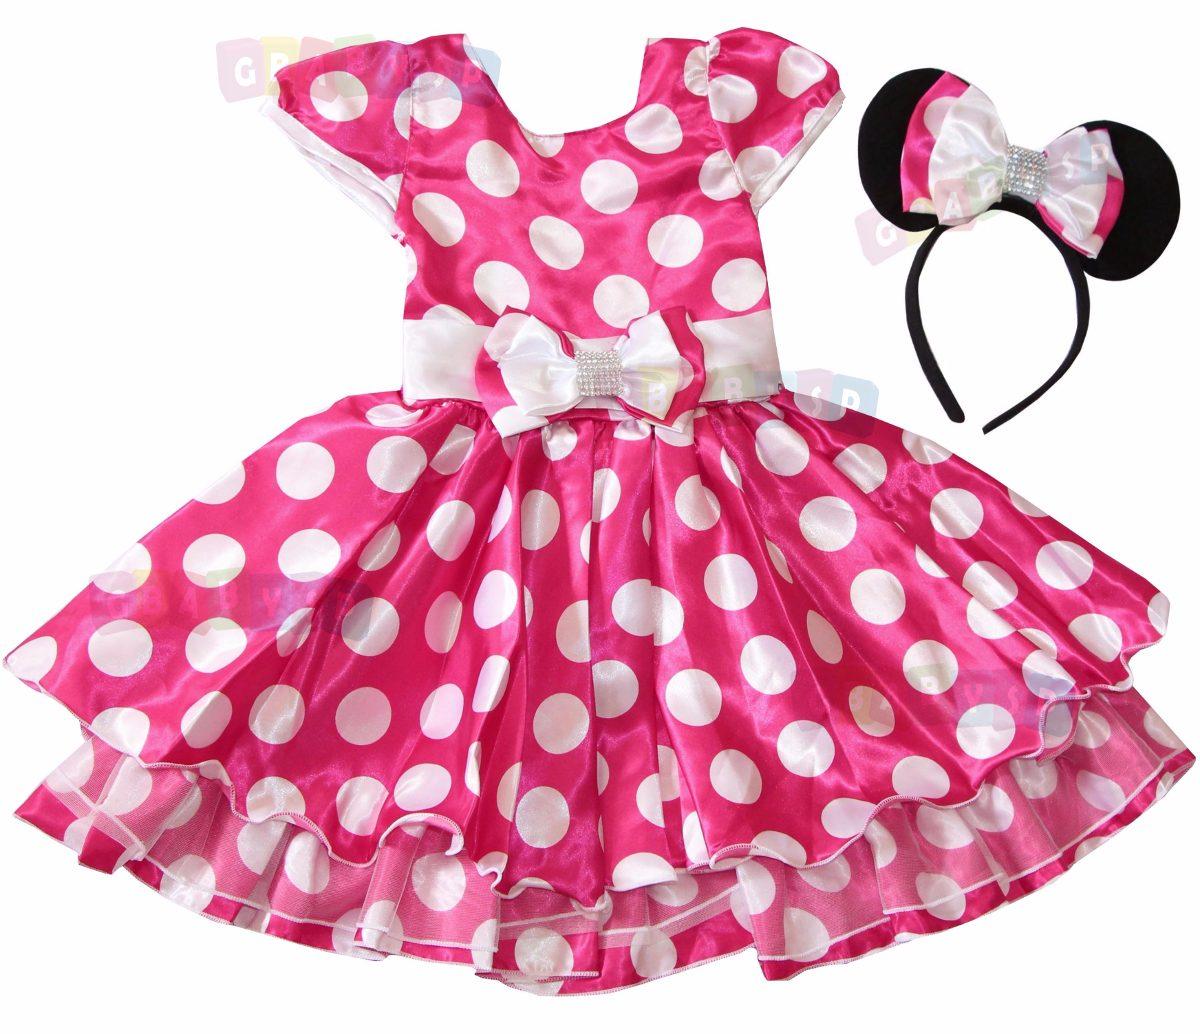 64b9c54f1e vestido fantasia festa minie rosa ou minnie vermelha + tiara. Carregando  zoom.